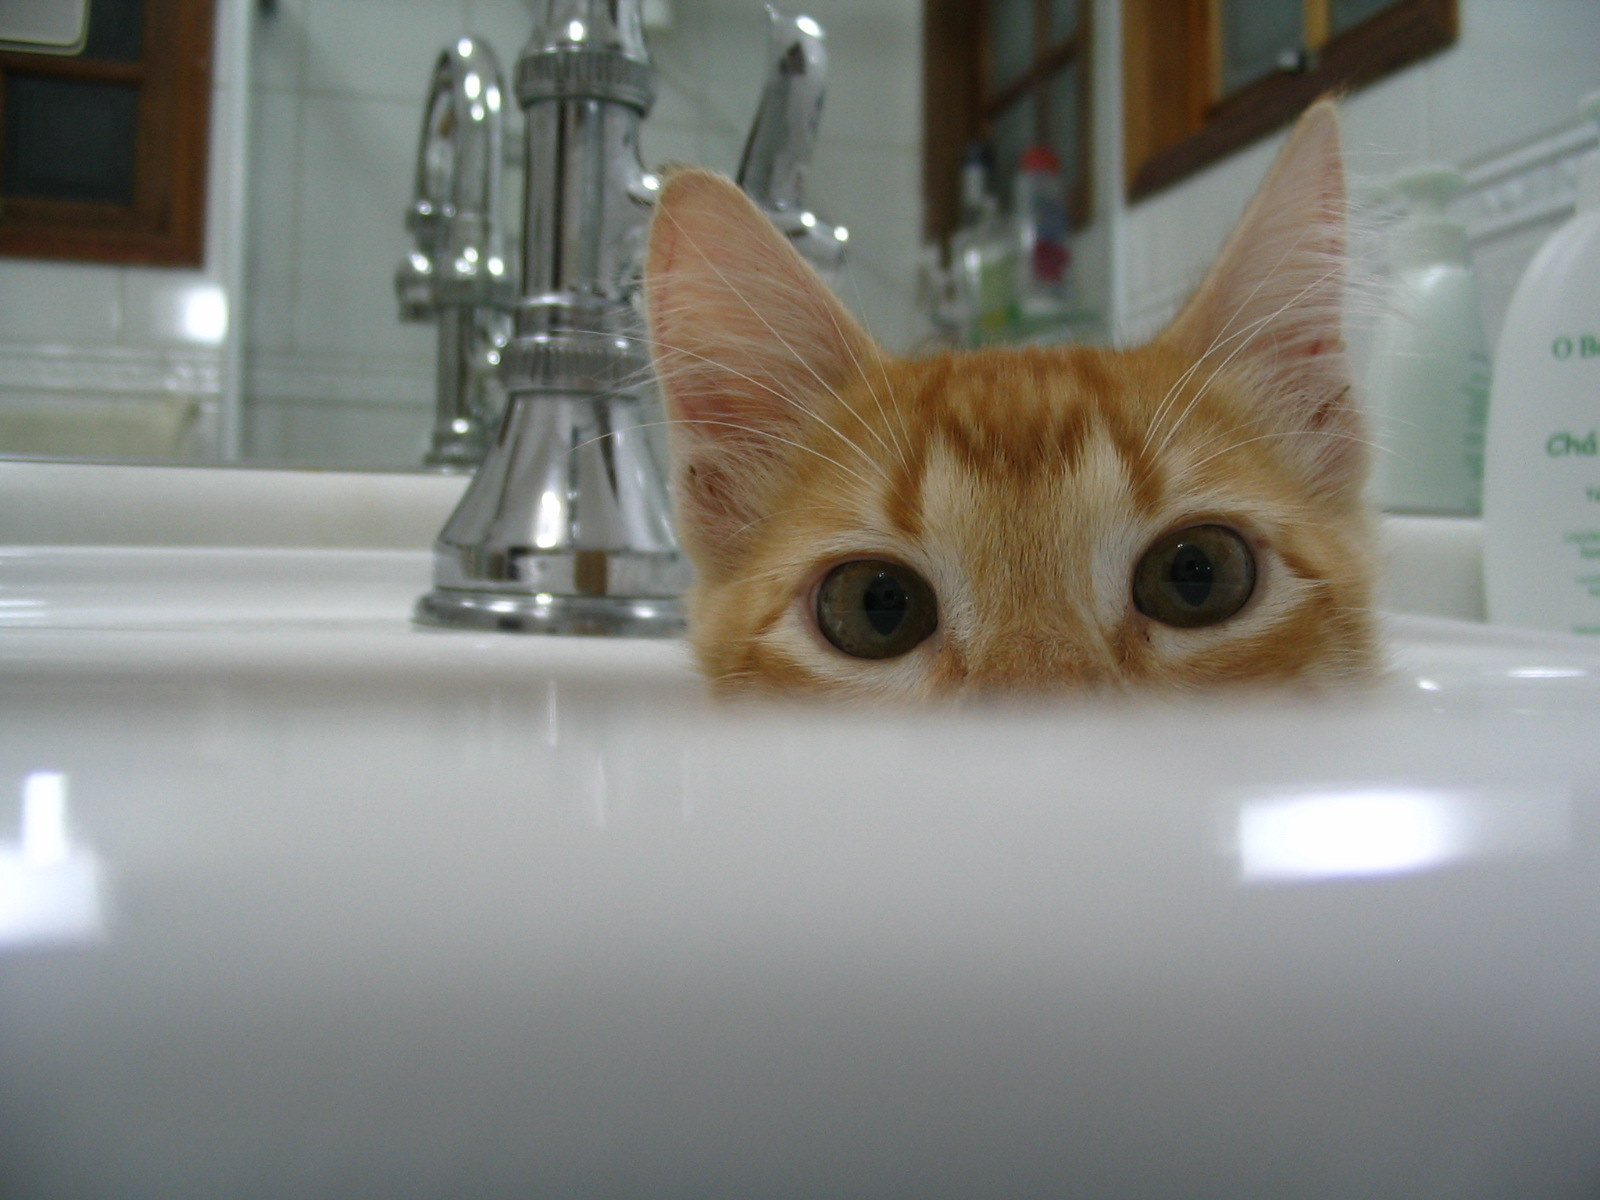 Gato_domestico_filhote-2.jpg